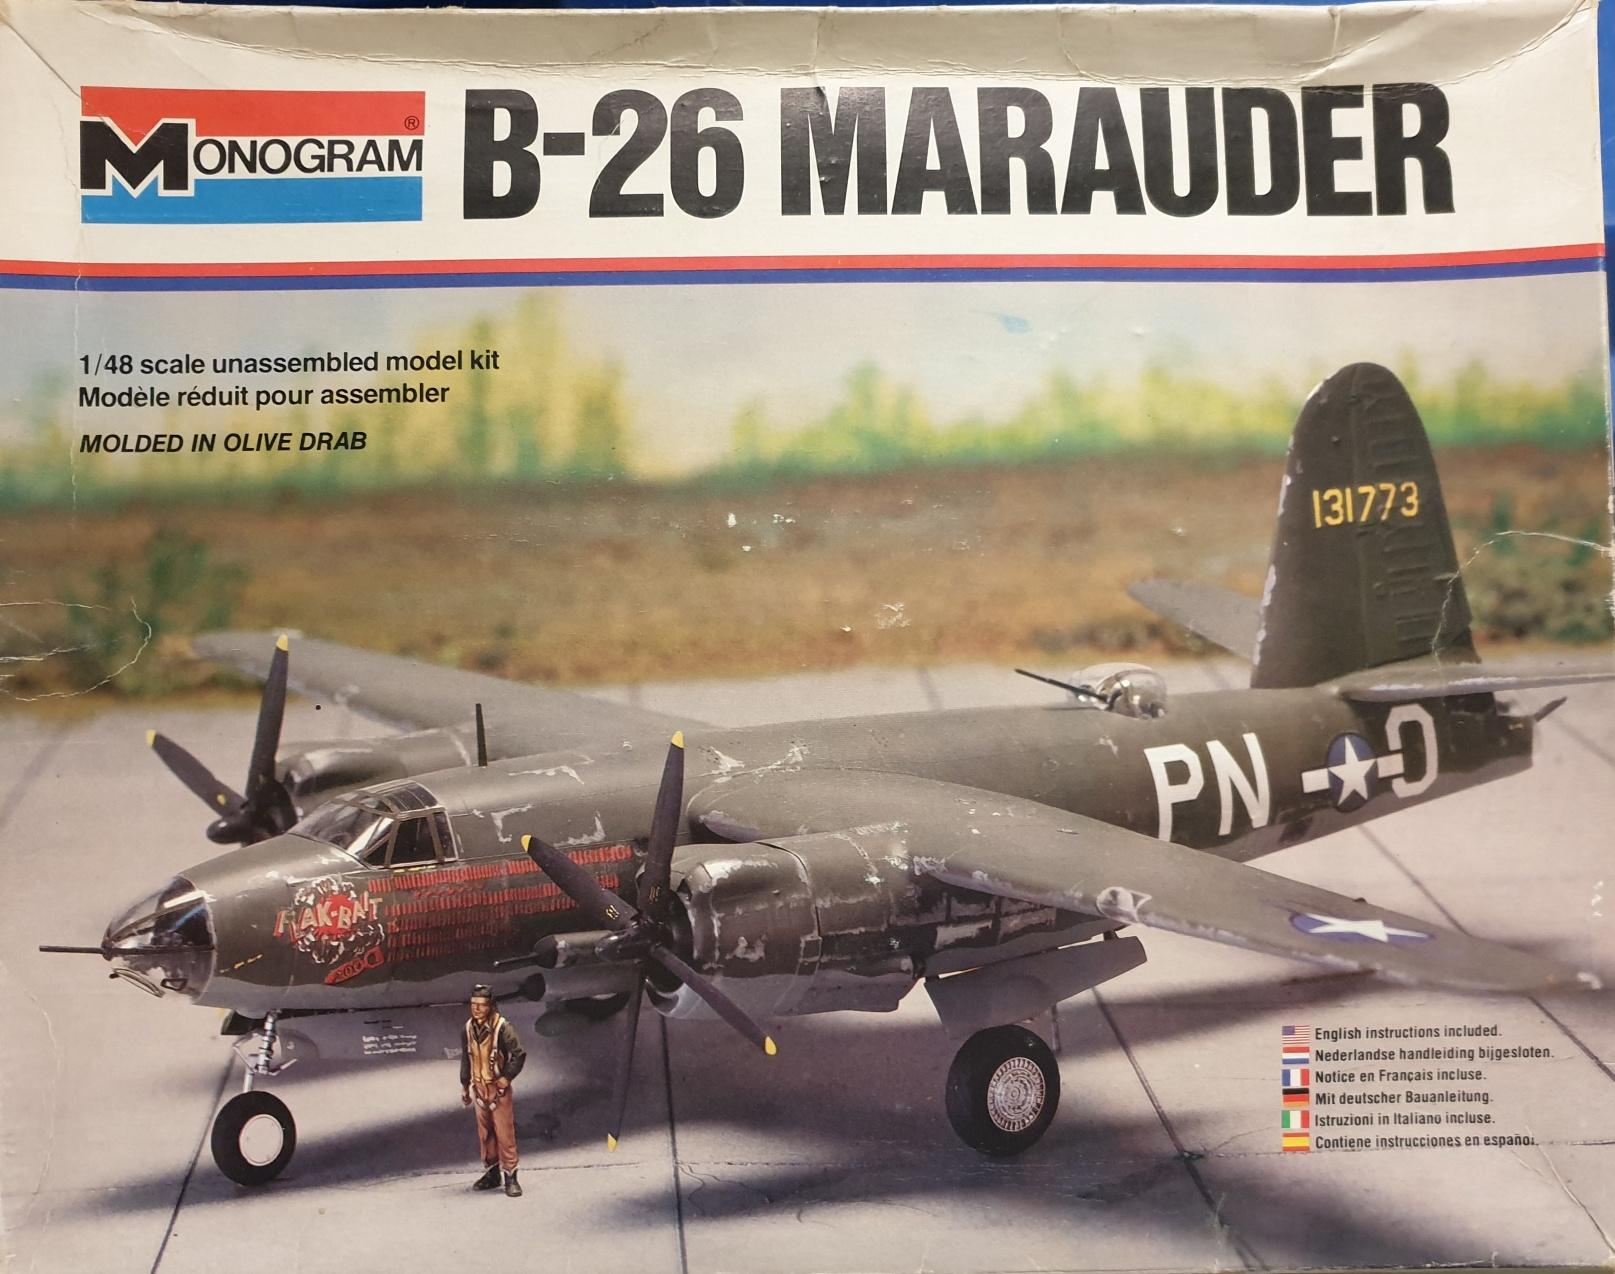 Monogram 5501 B-26 Marauder